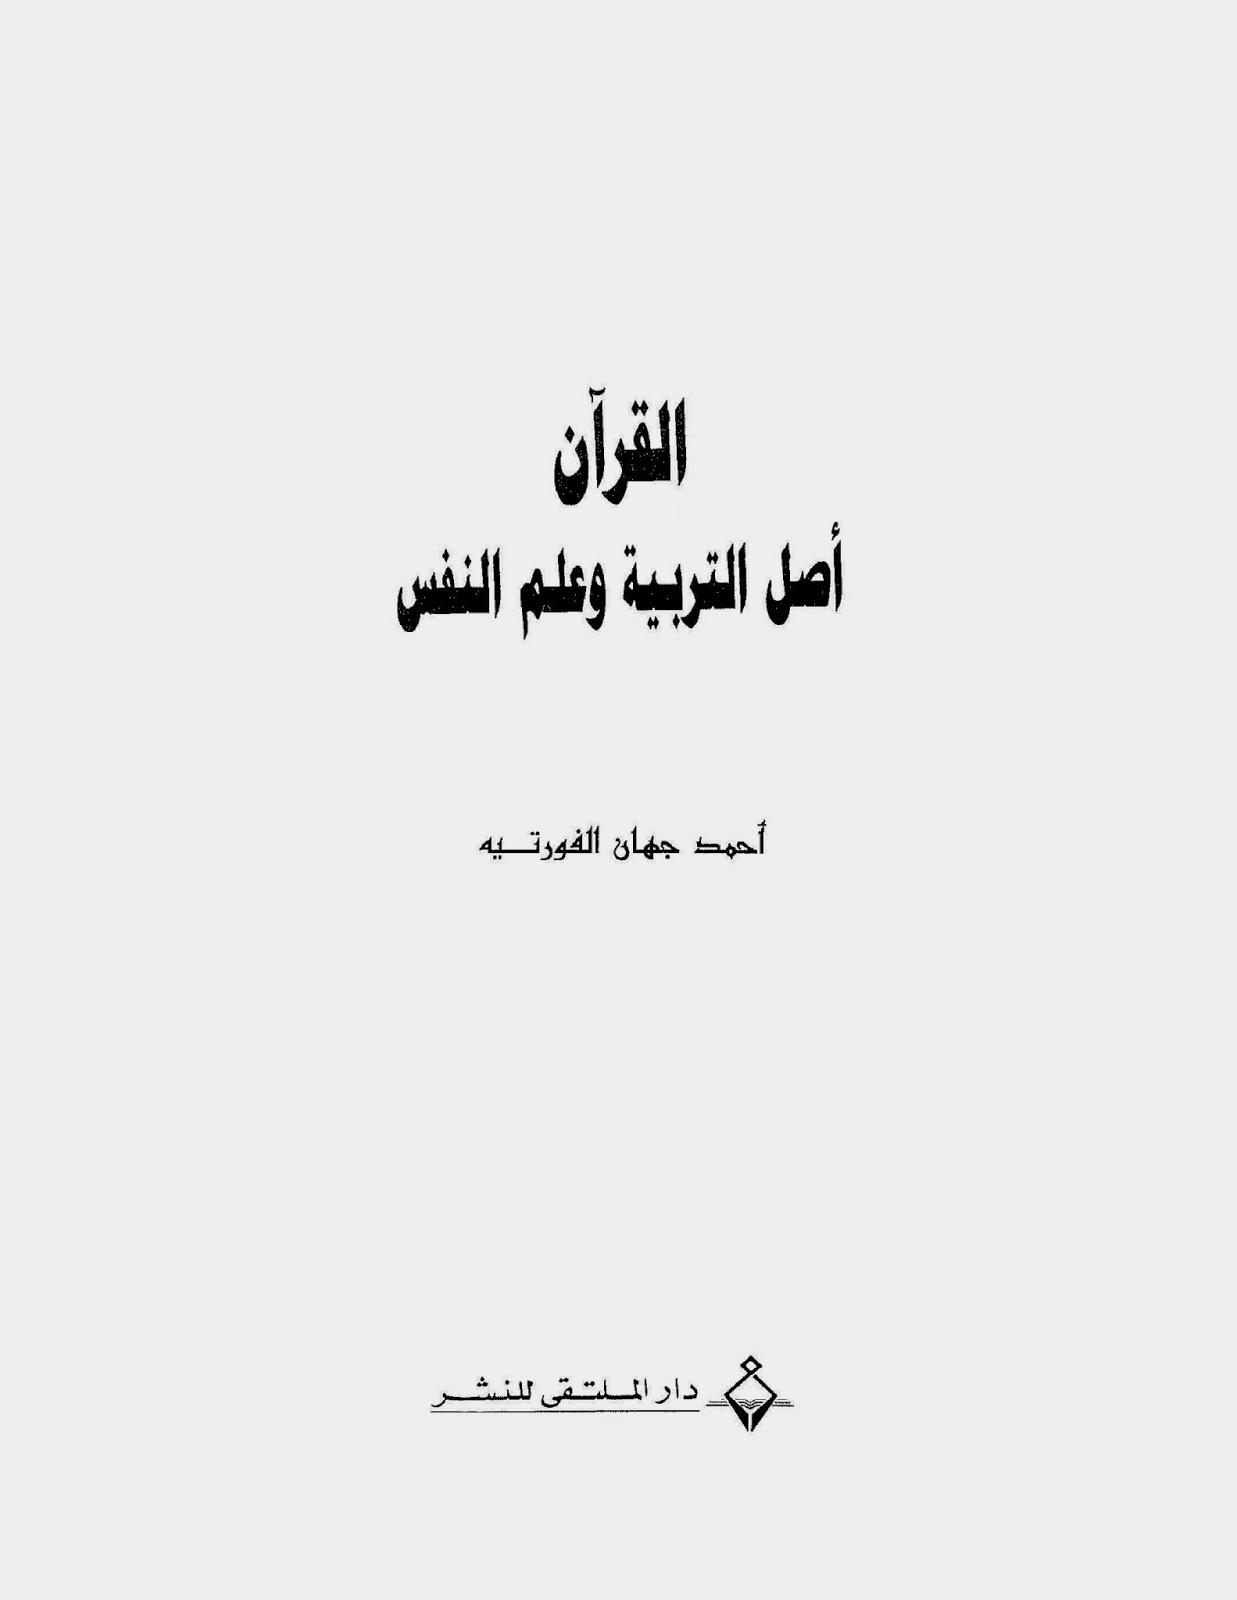 القرآن أصل التربية وعلم النفس لـ أحمد الفورتيه